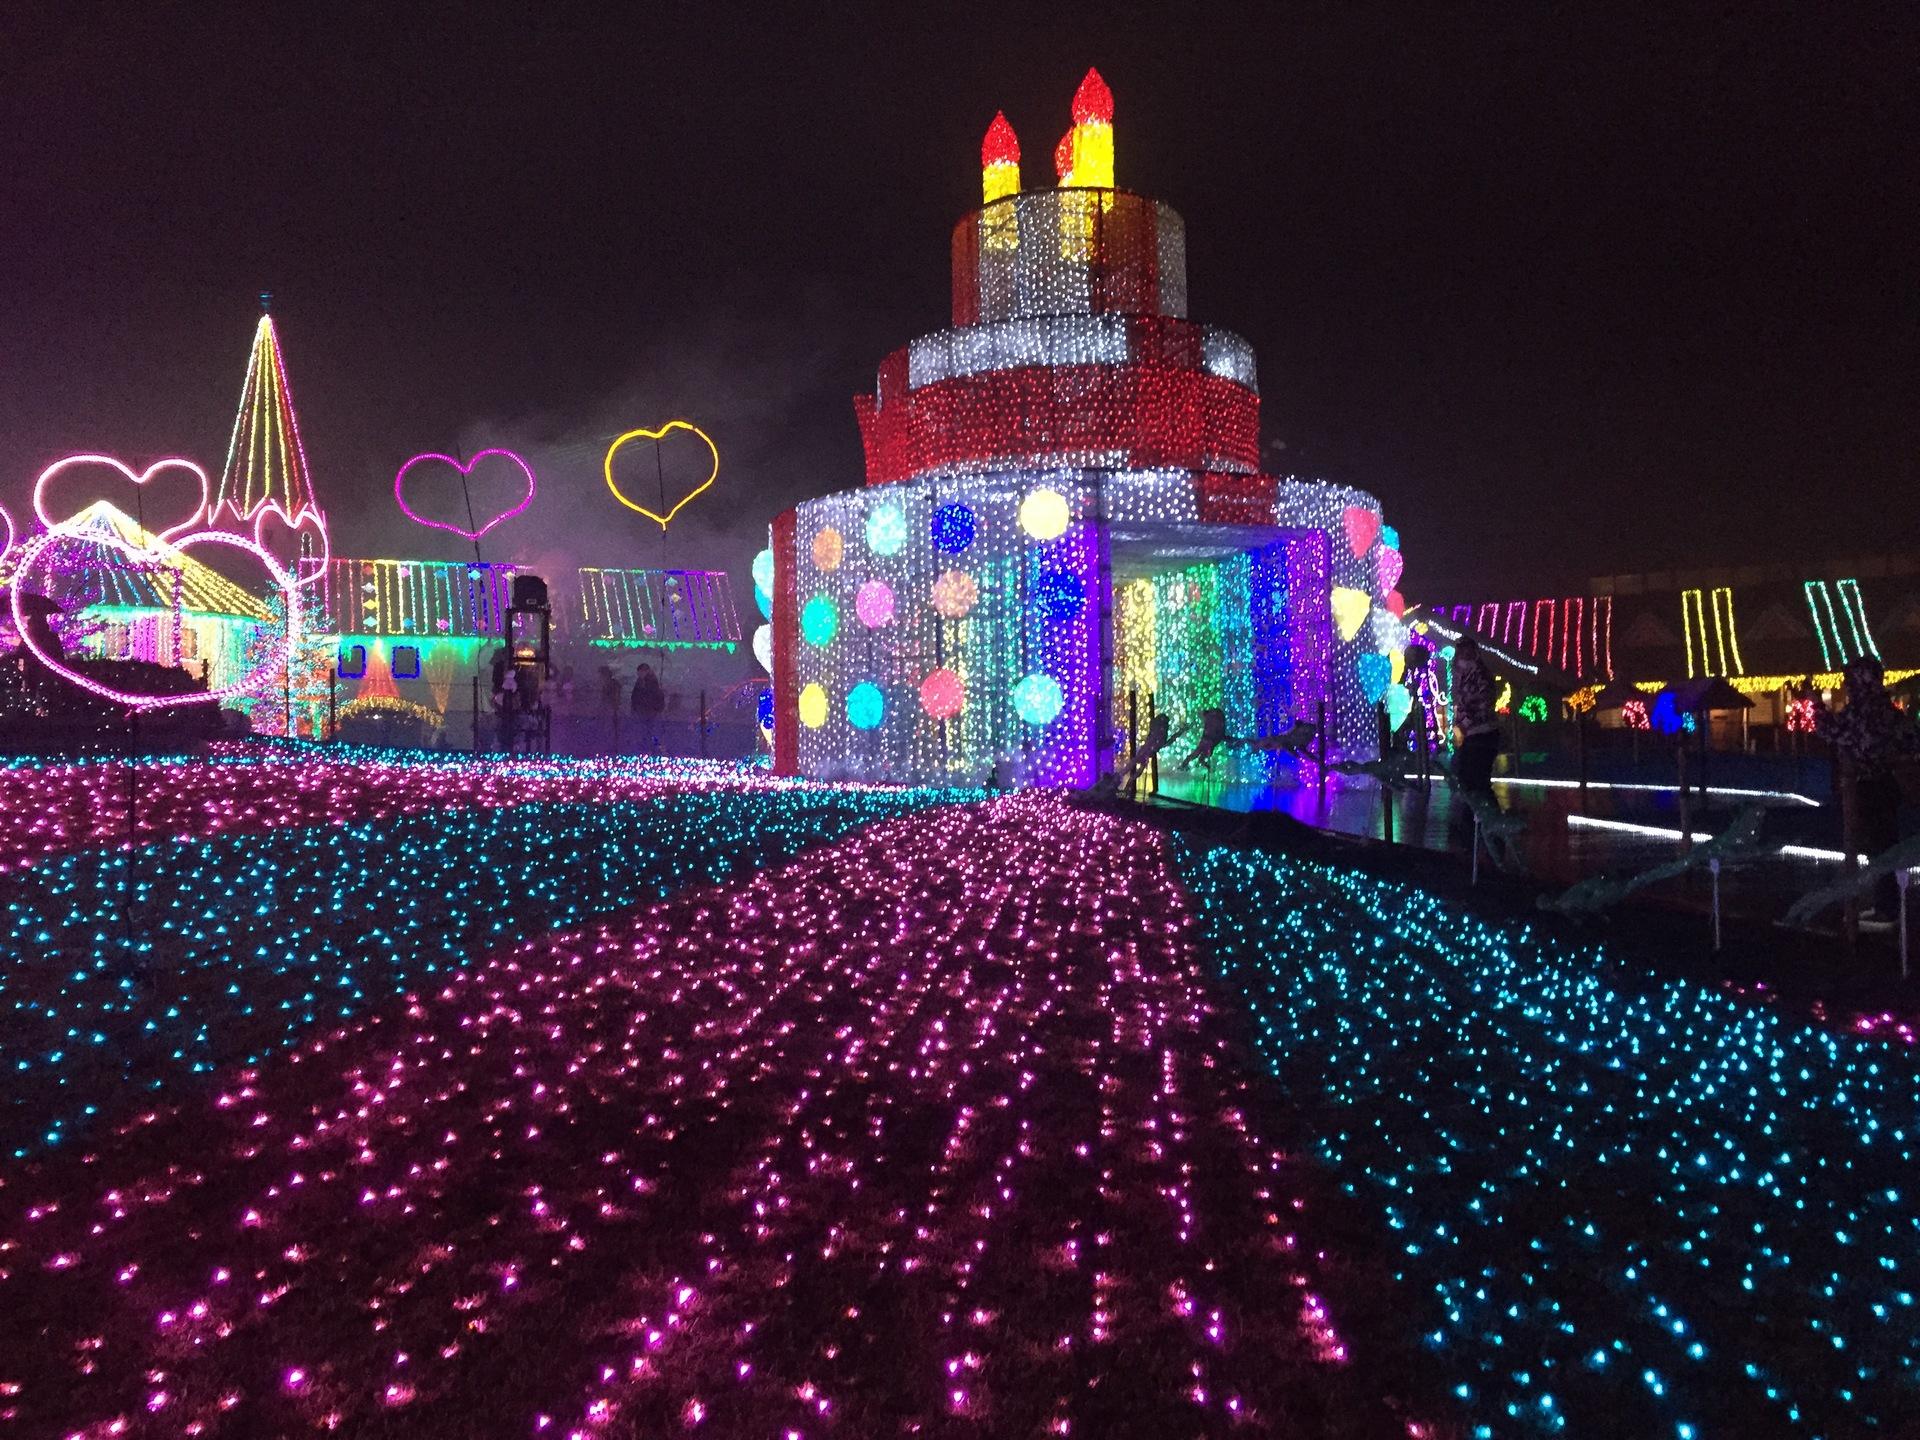 【東京ドイツ村】 関東三大イルミネーション。ネーミングが不思議だ・・・